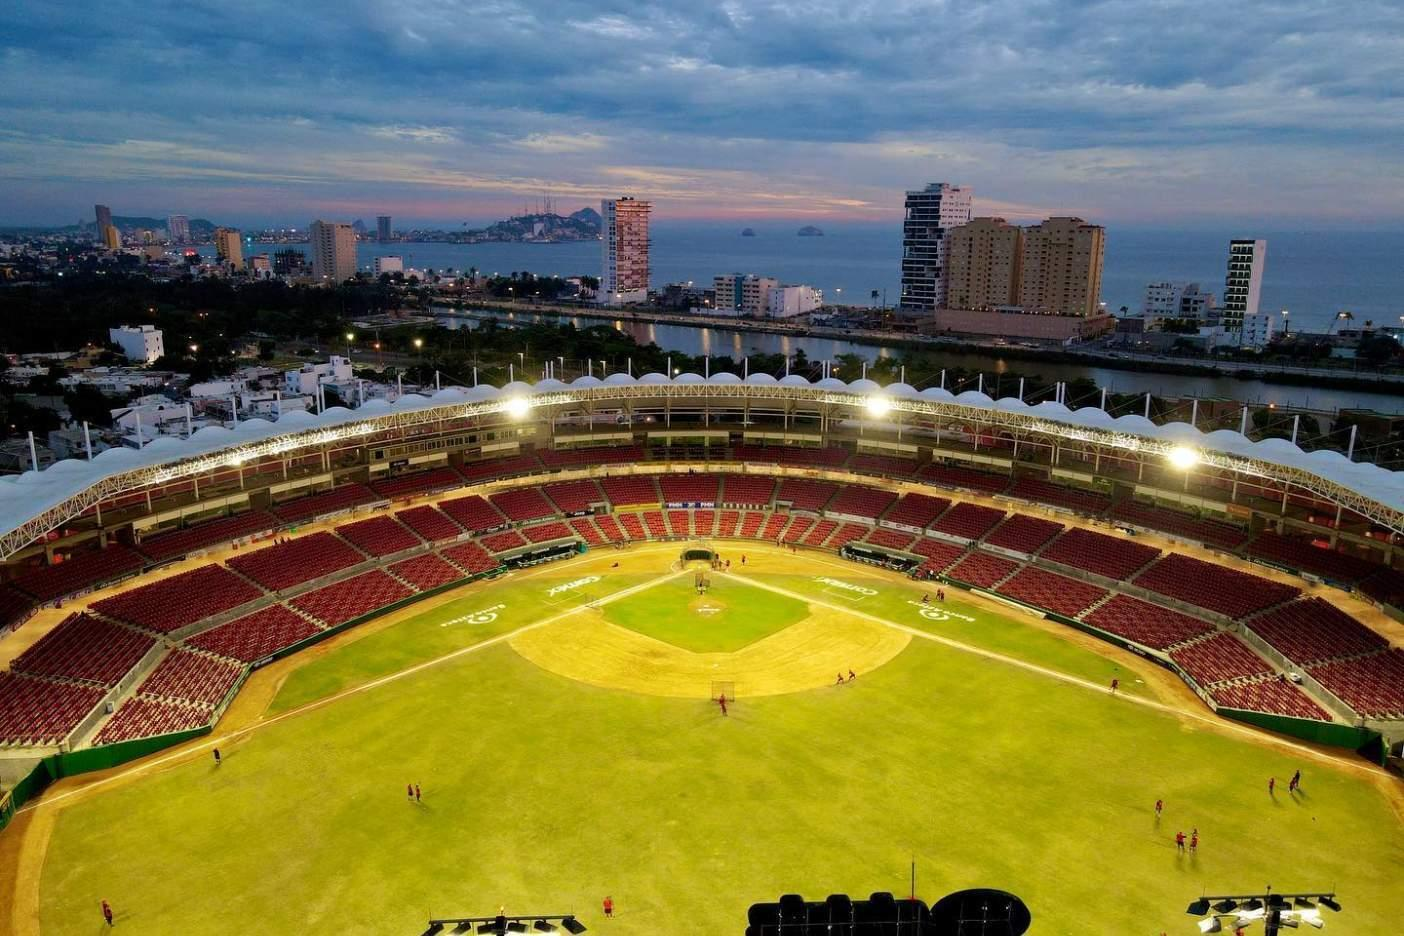 Un estadio de fútbol  Descripción generada automáticamente